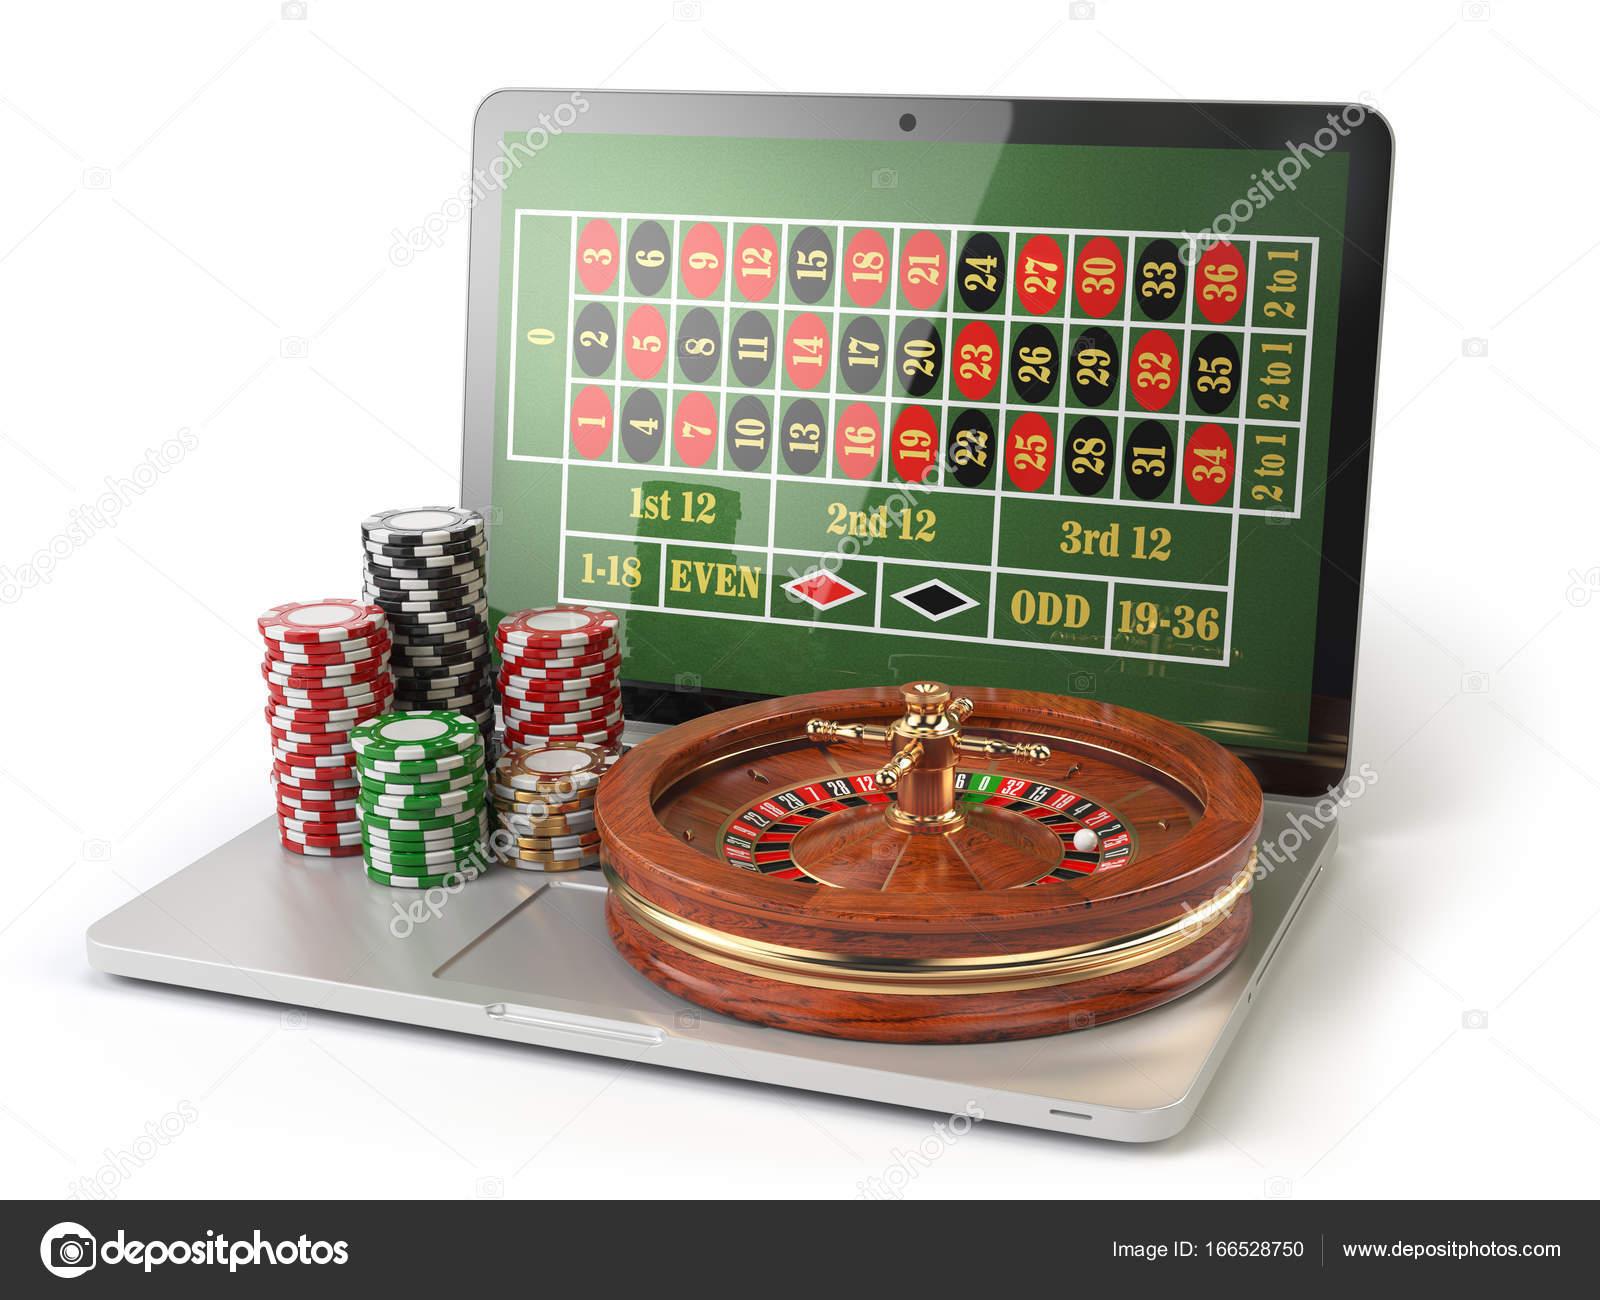 Онлайн покер на реальные деньги с выводом денег на карту сбербанка игровые автоматы книжки и их секреты как выиграть